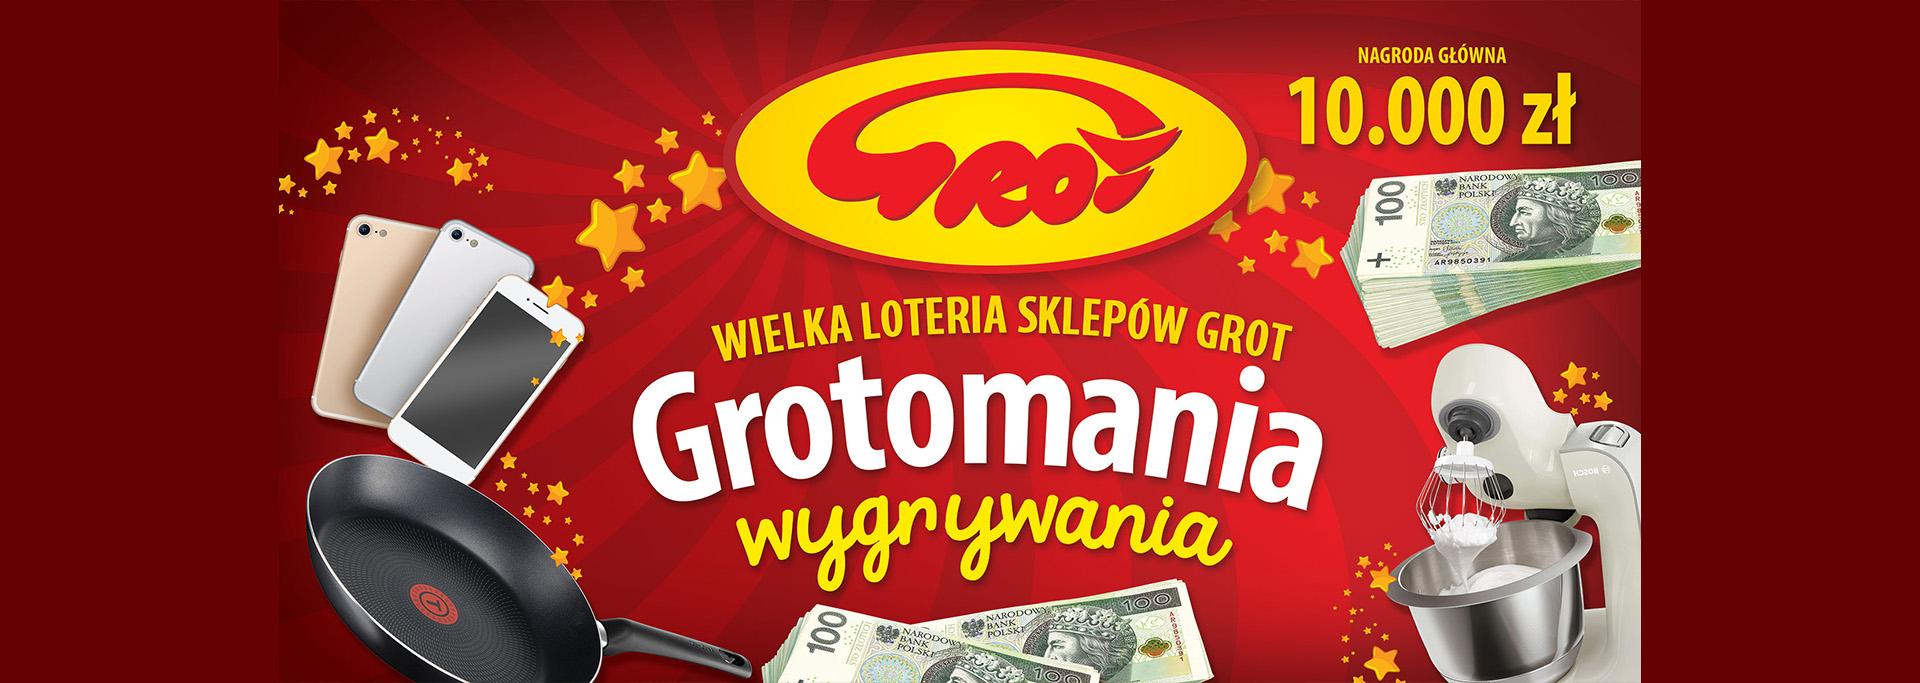 banner_grotomania